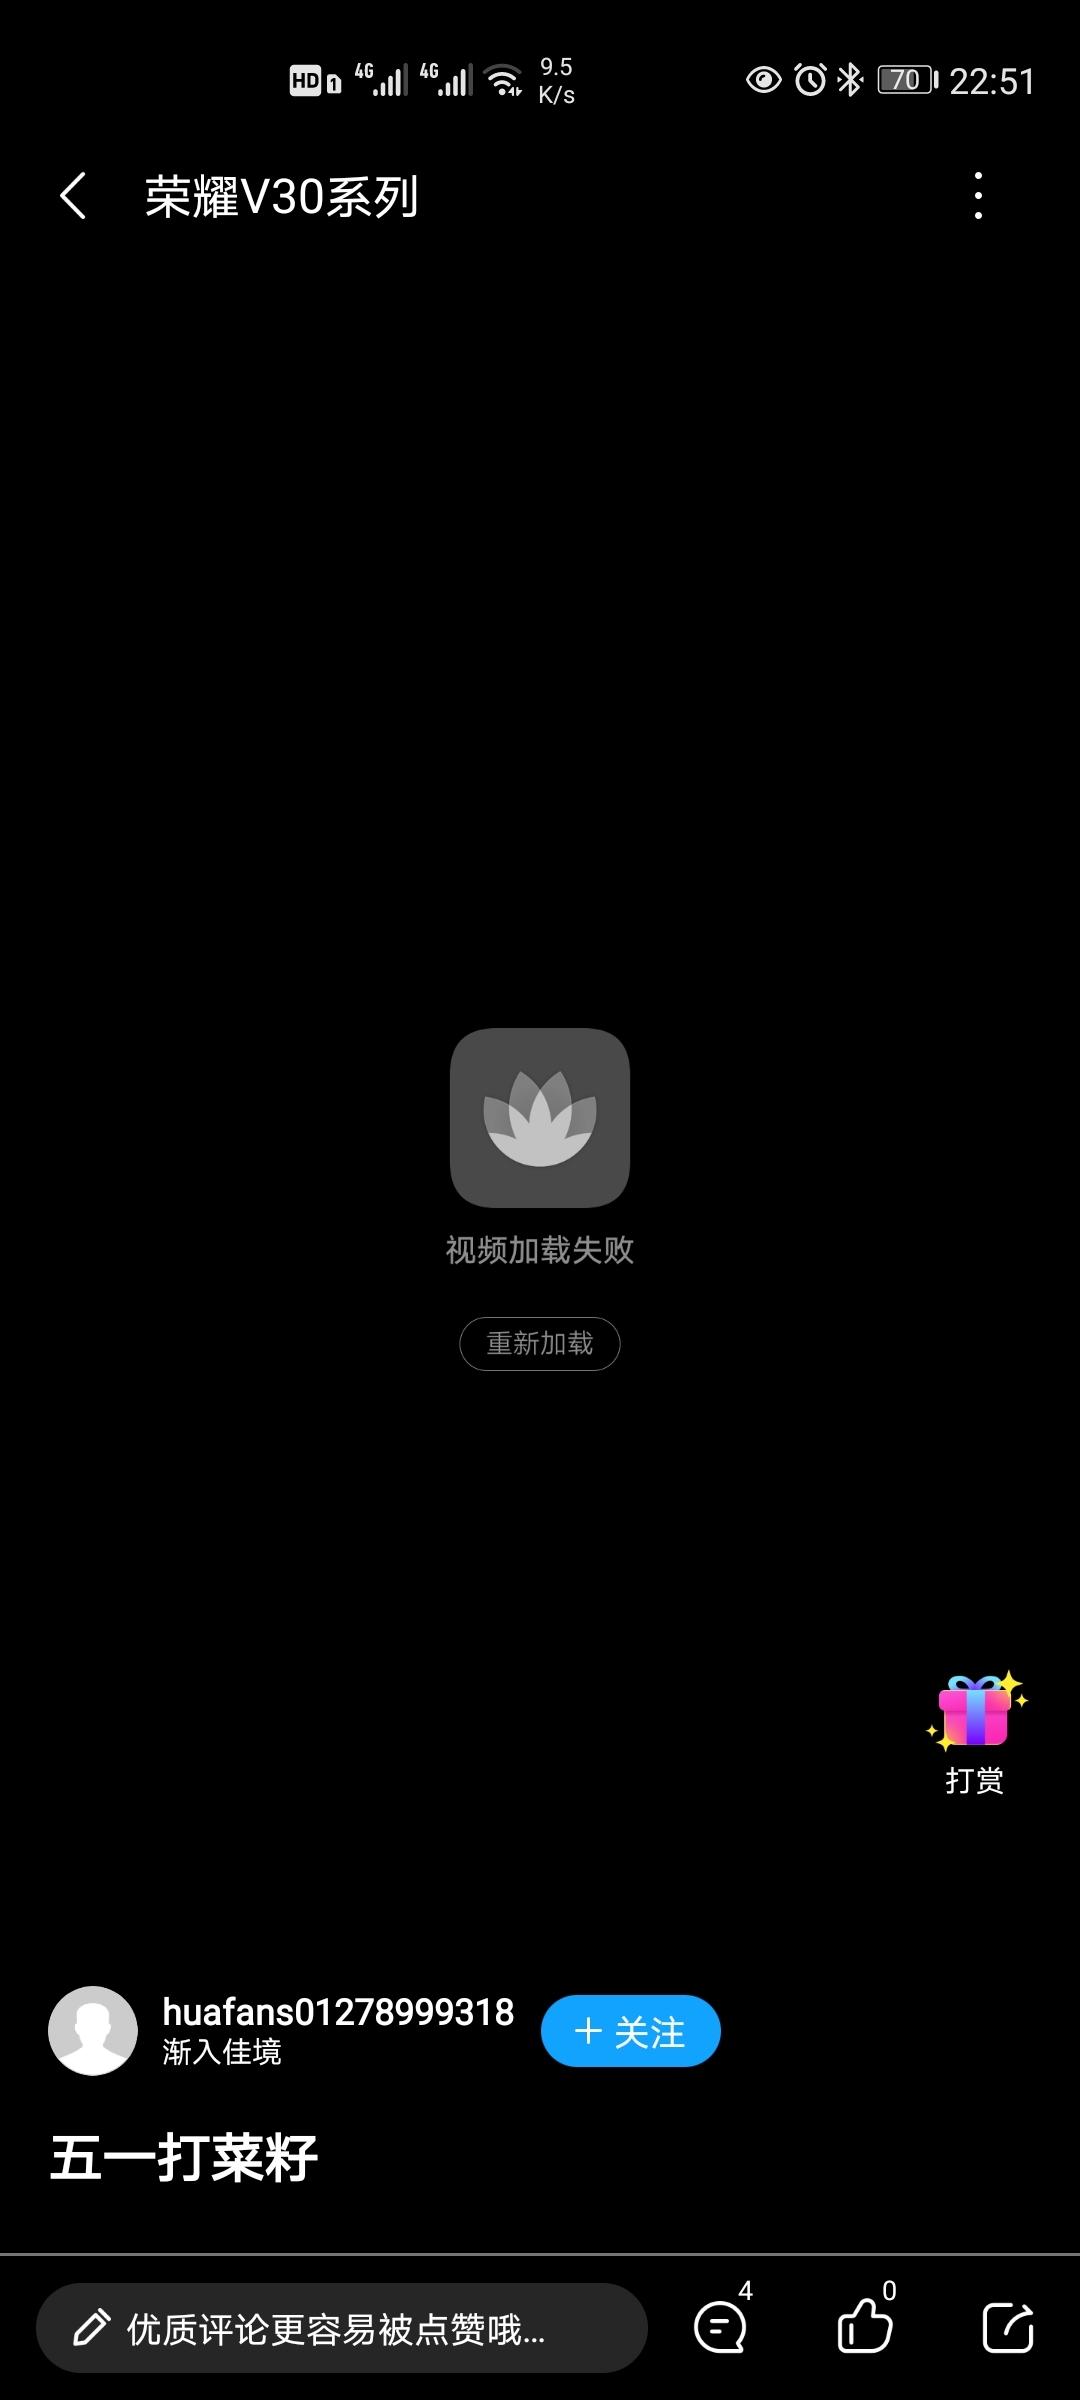 Screenshot_20200508_225152_com.huawei.fans.jpg